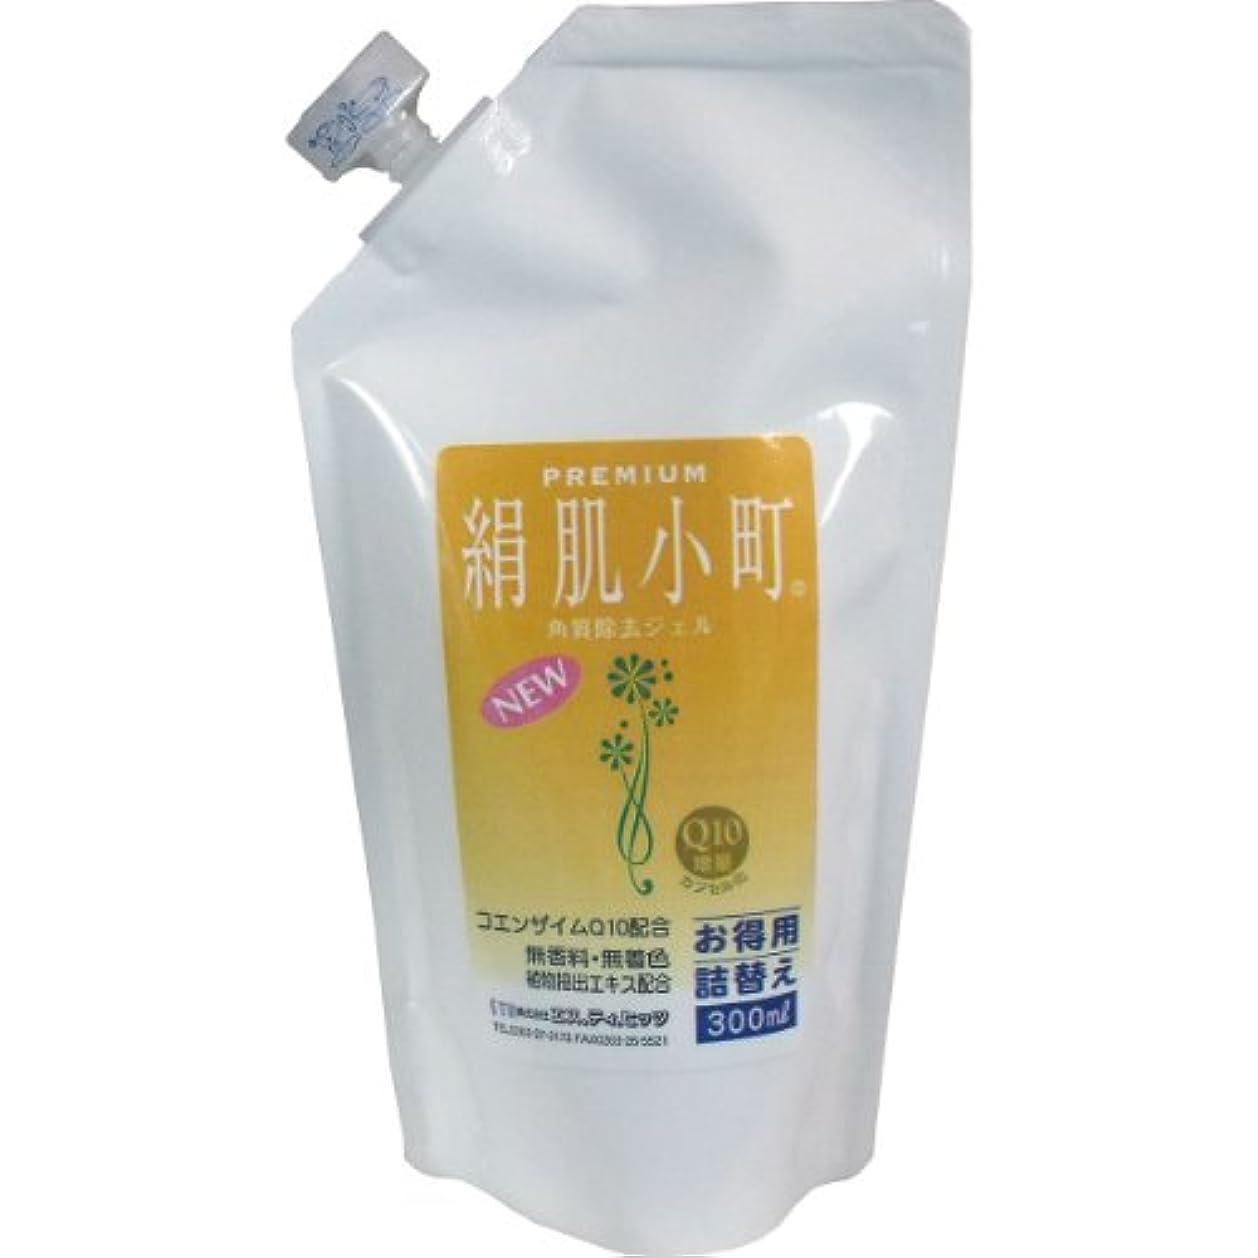 祝福するシネウィ皮肉なプレミアム 絹肌小町 角質除去ジェル 詰替用 300mL  3個セット